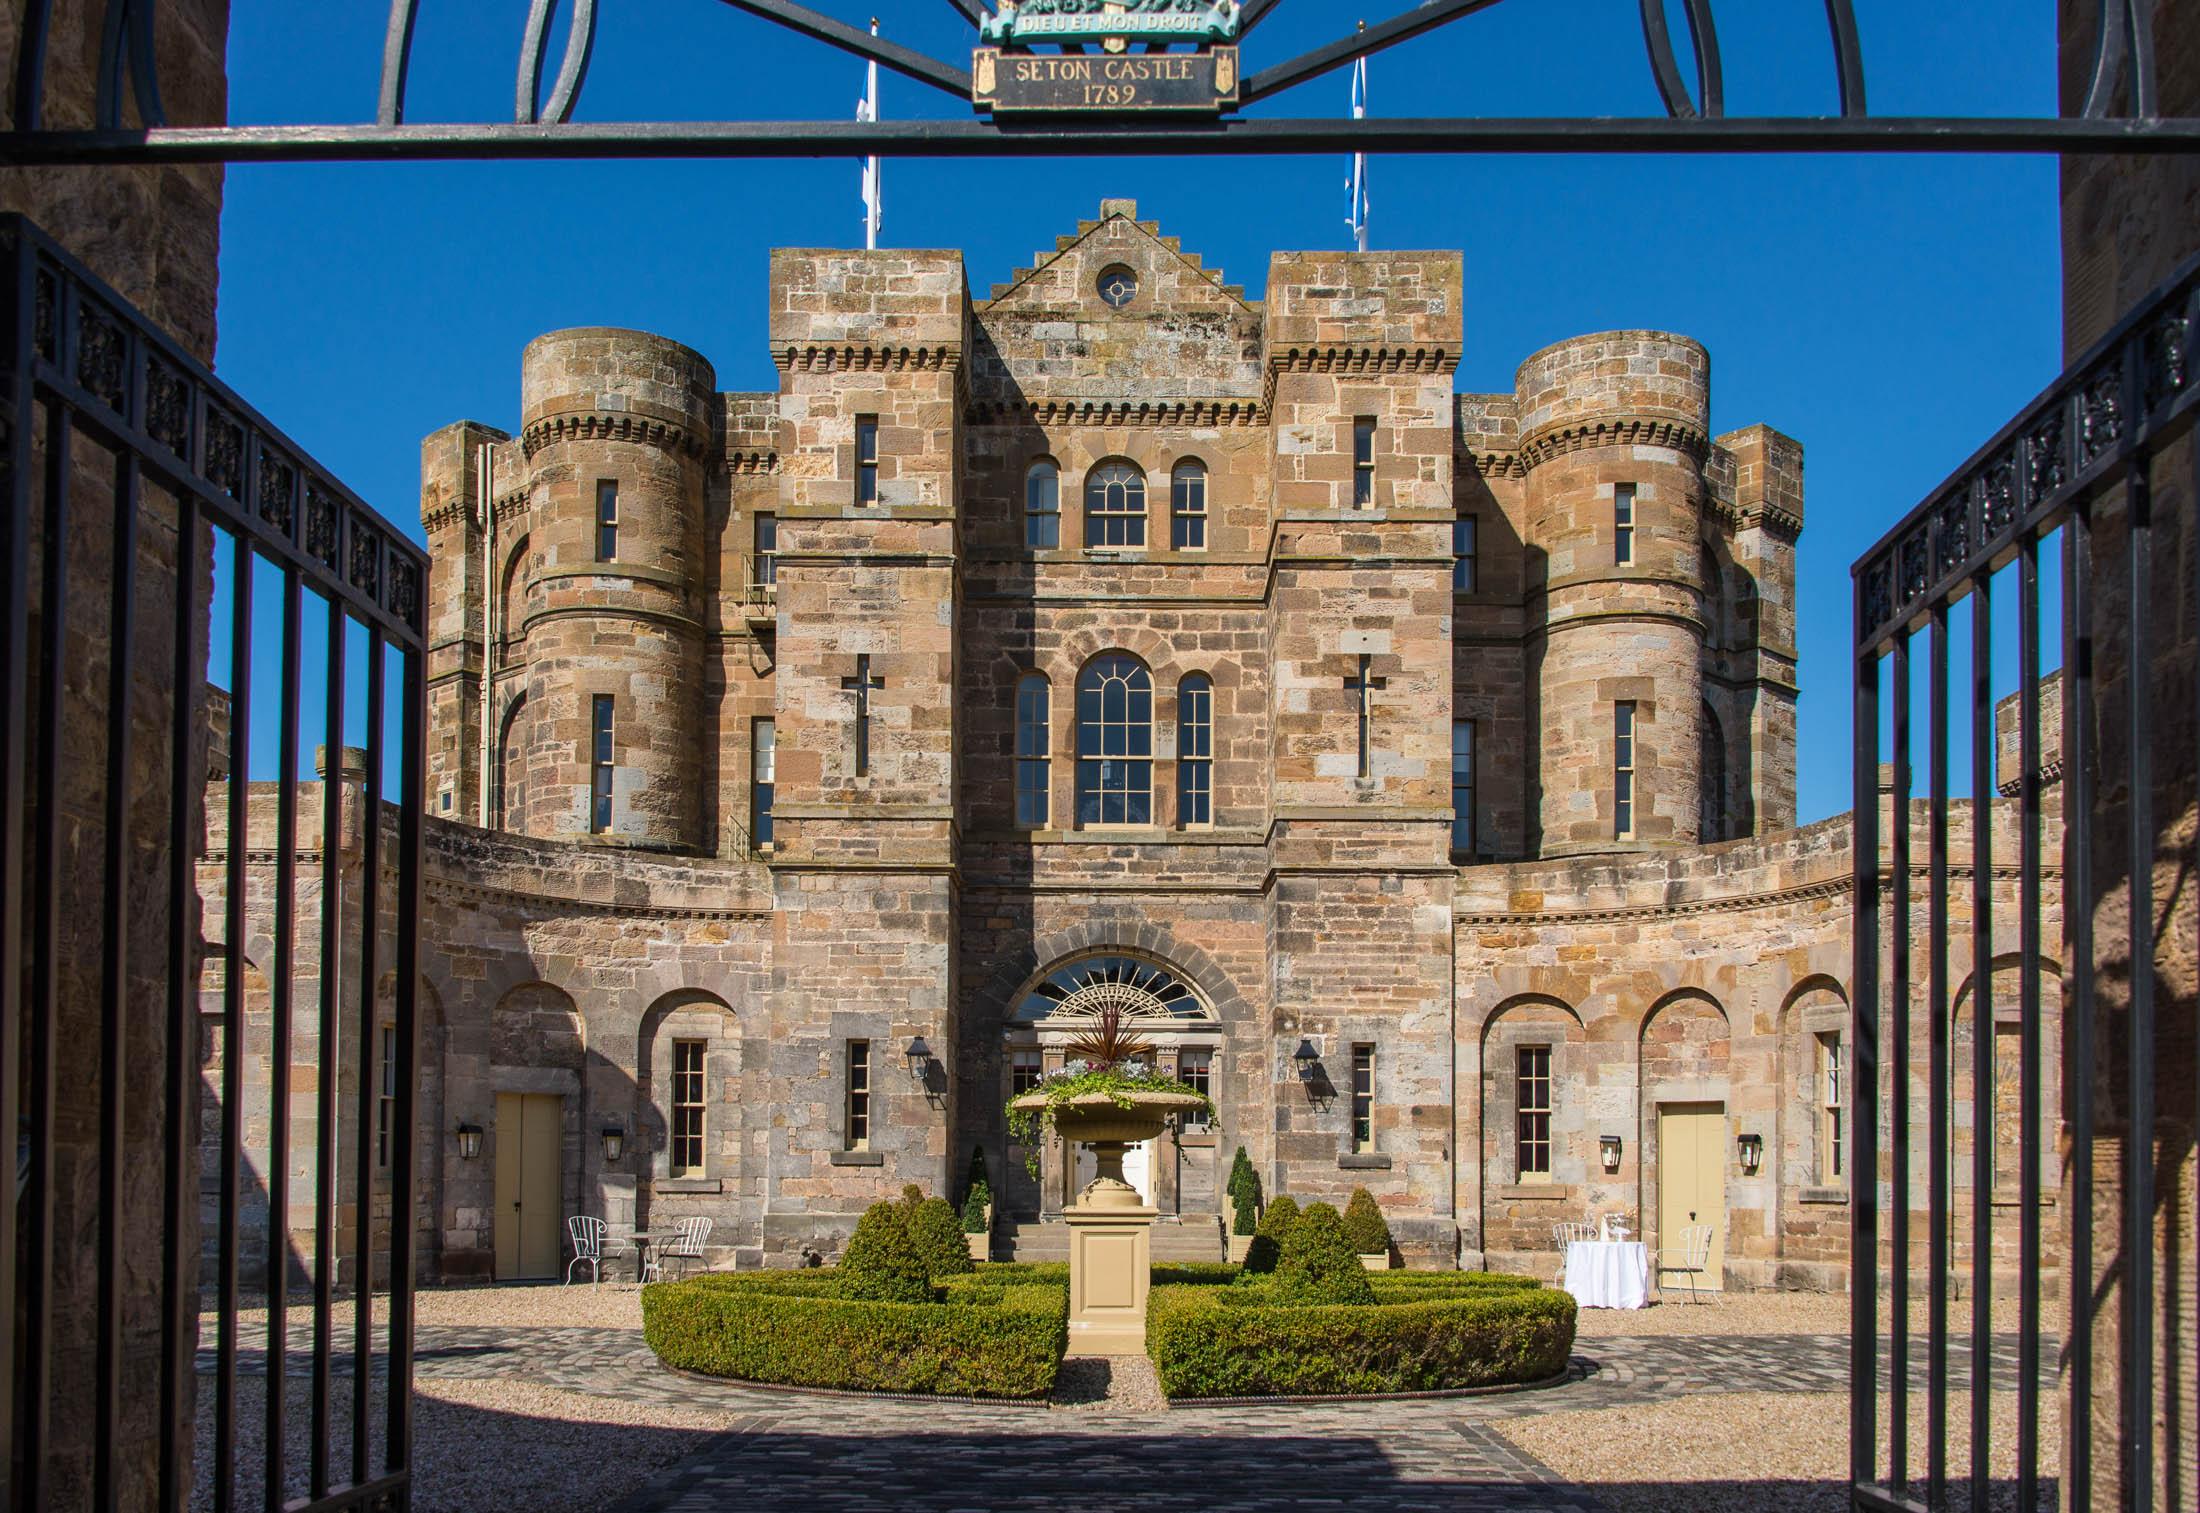 Il castello ha più di 200 anni / Savills